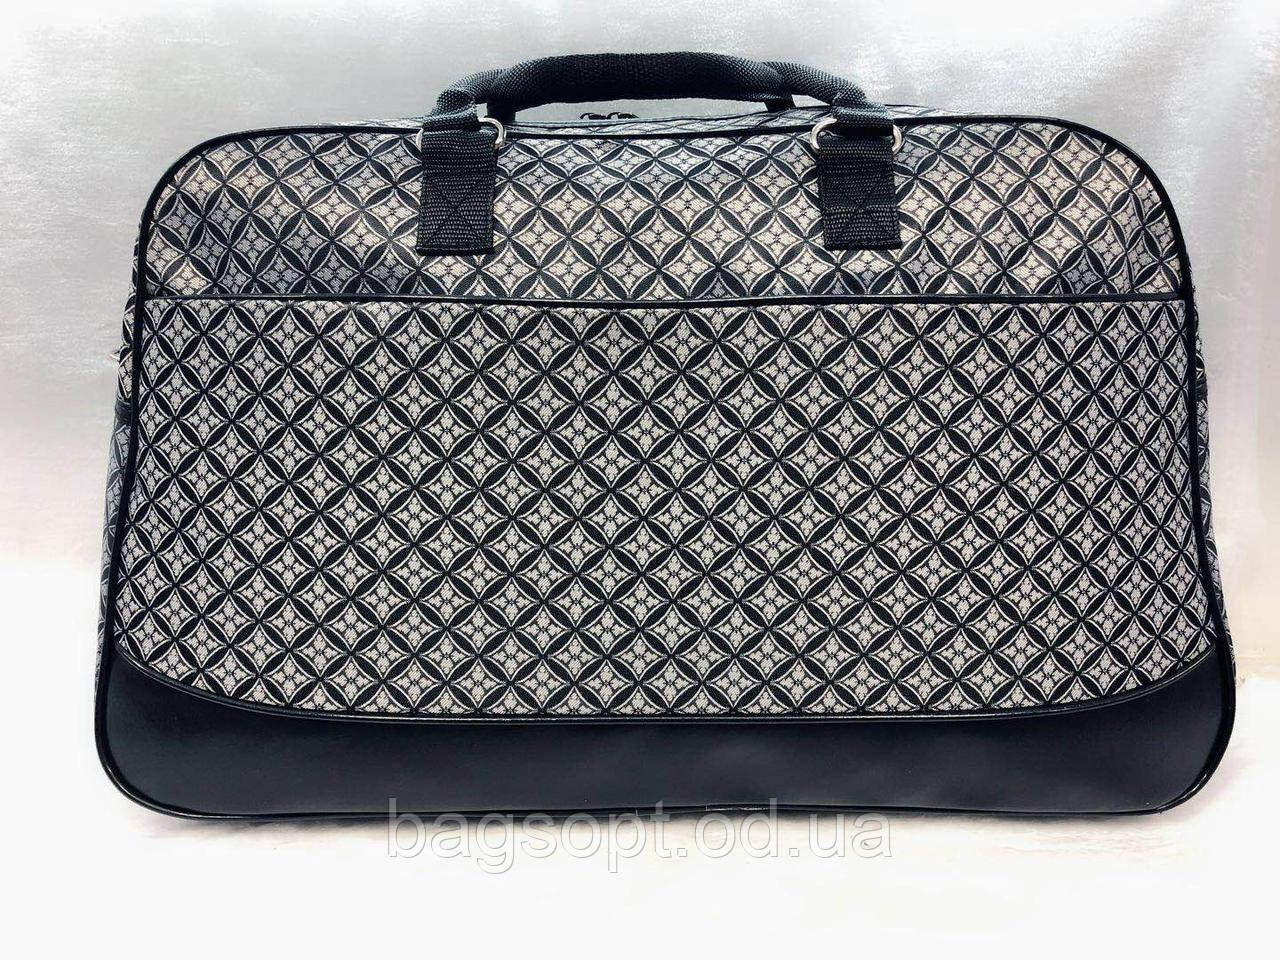 Дорожная сумка-саквояж женская серая вместительная текстиль